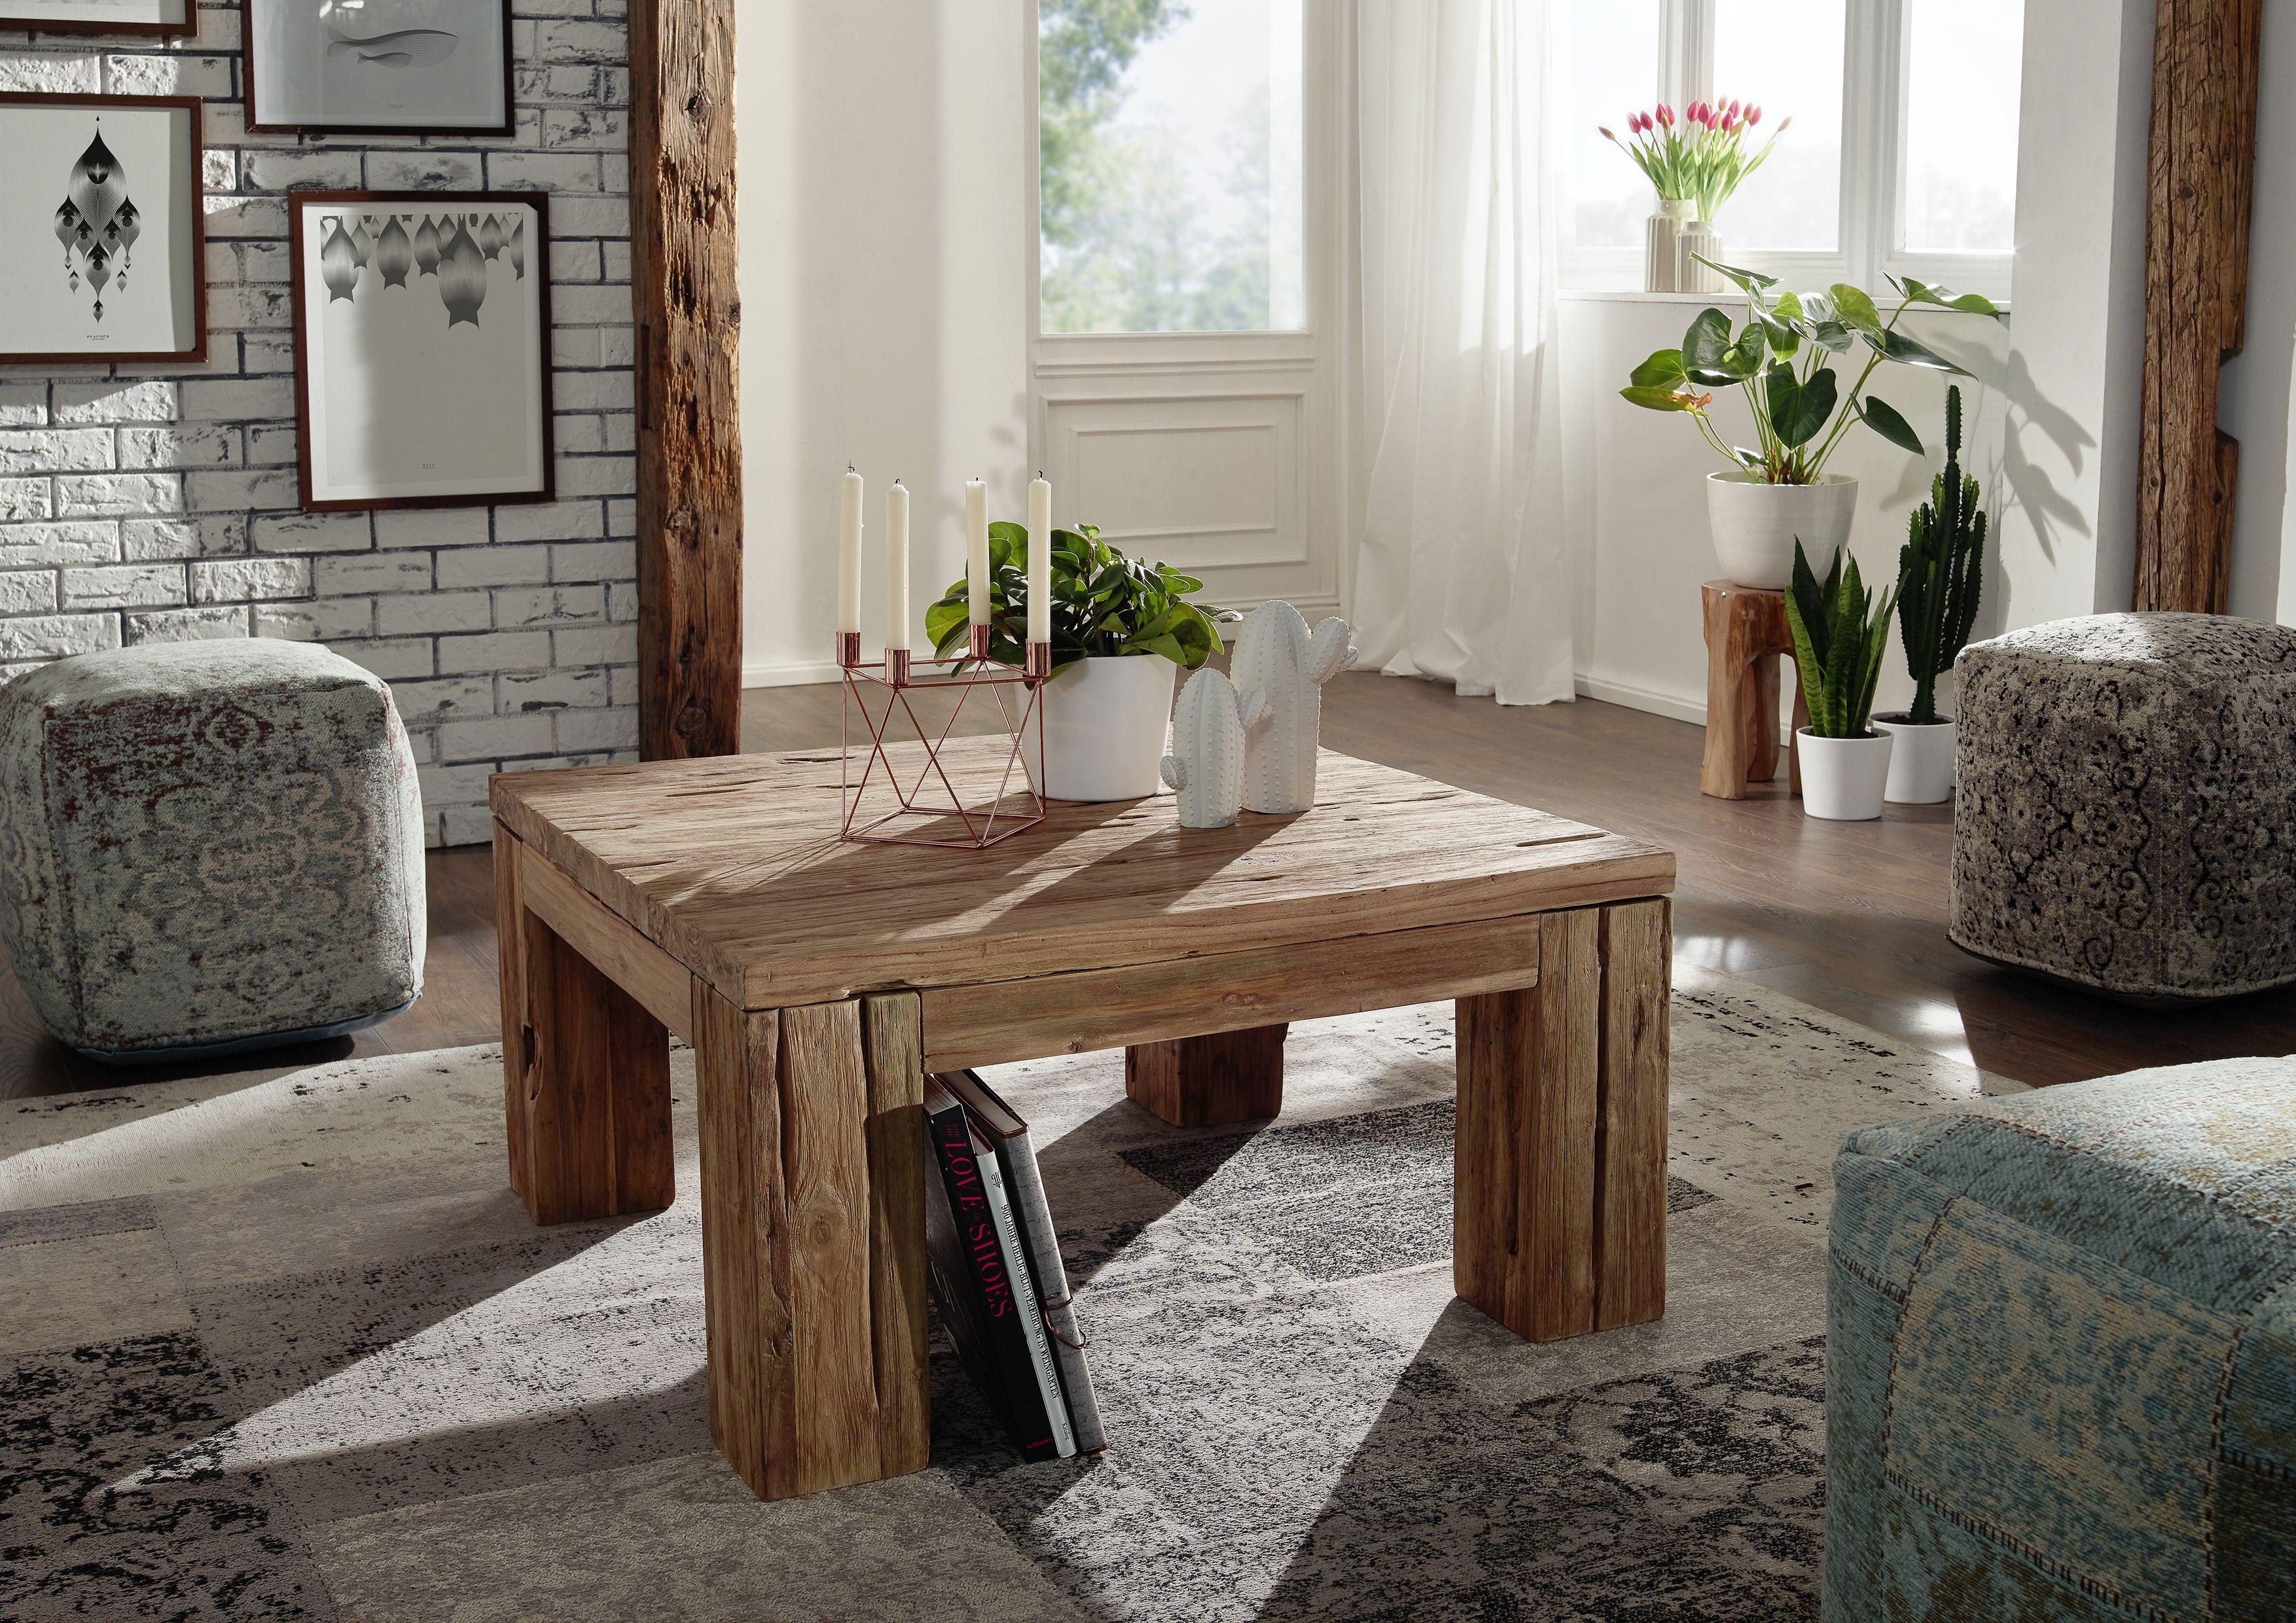 Wohnzimmermöbel Holz ~ Couchtisch aus aufbereitetem teakholz die serie rustica